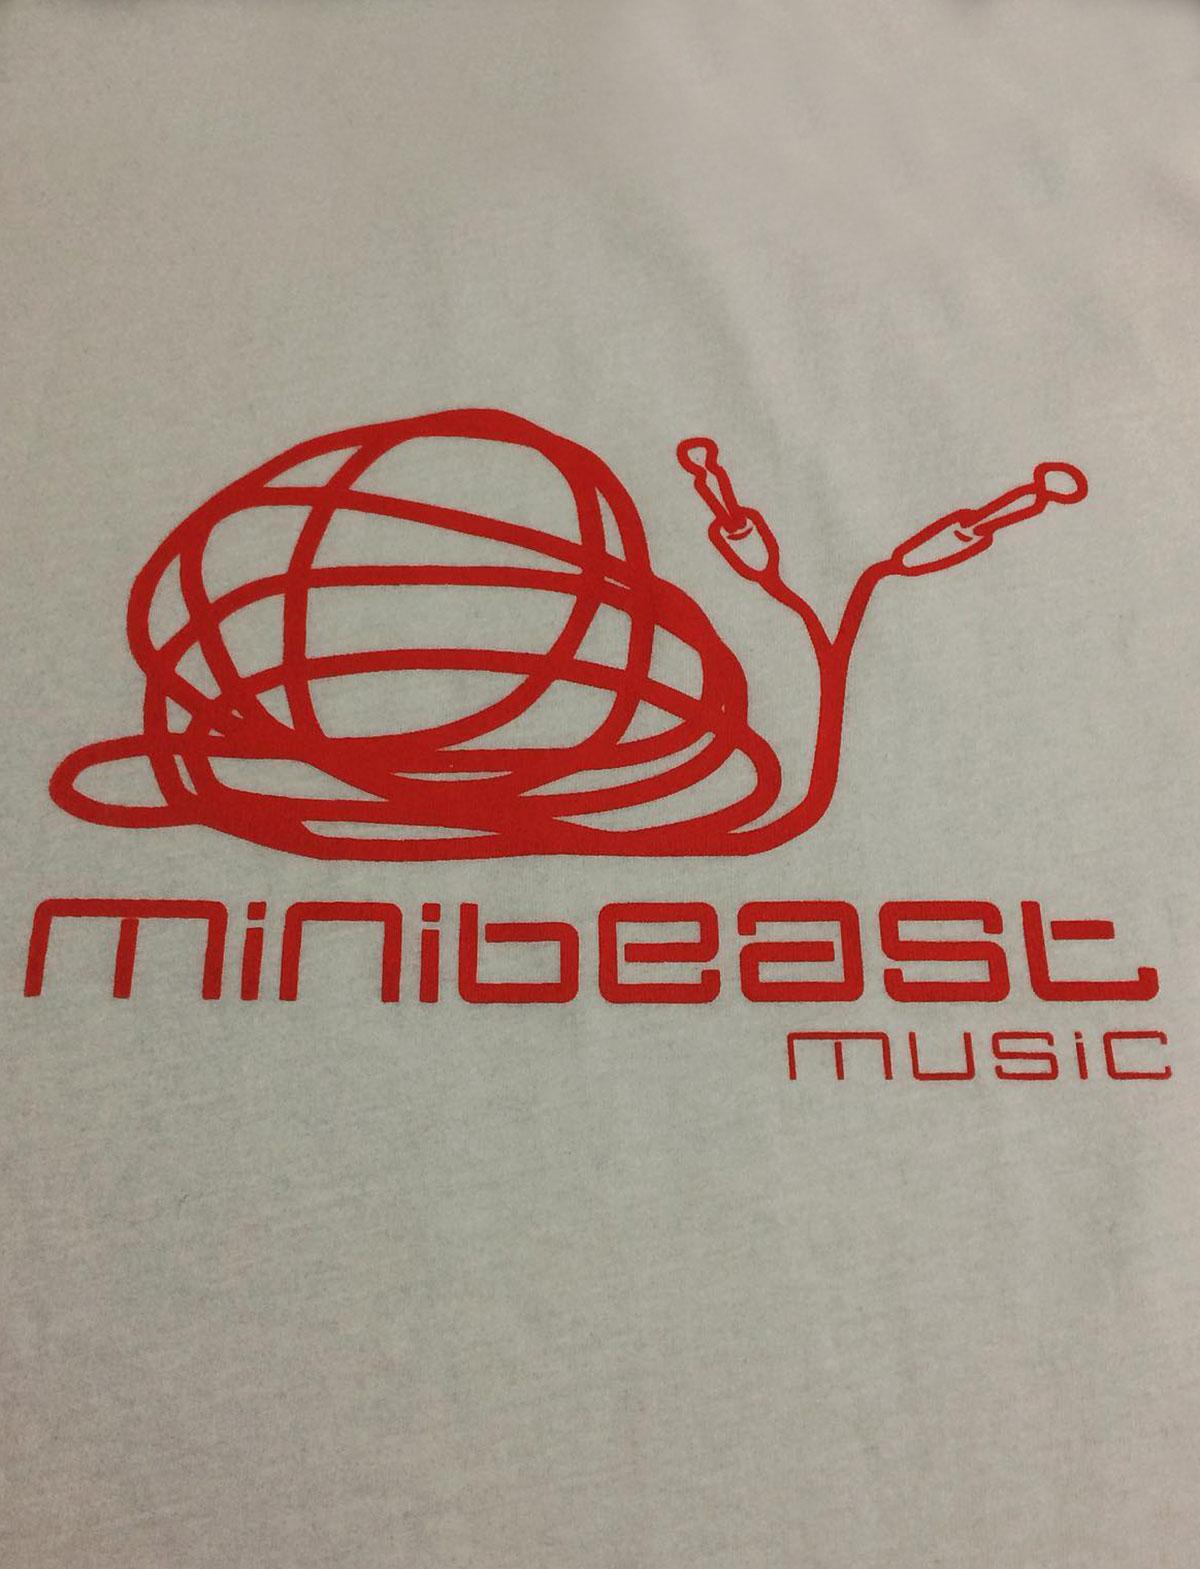 minibeast music studio, organic white t-shirt